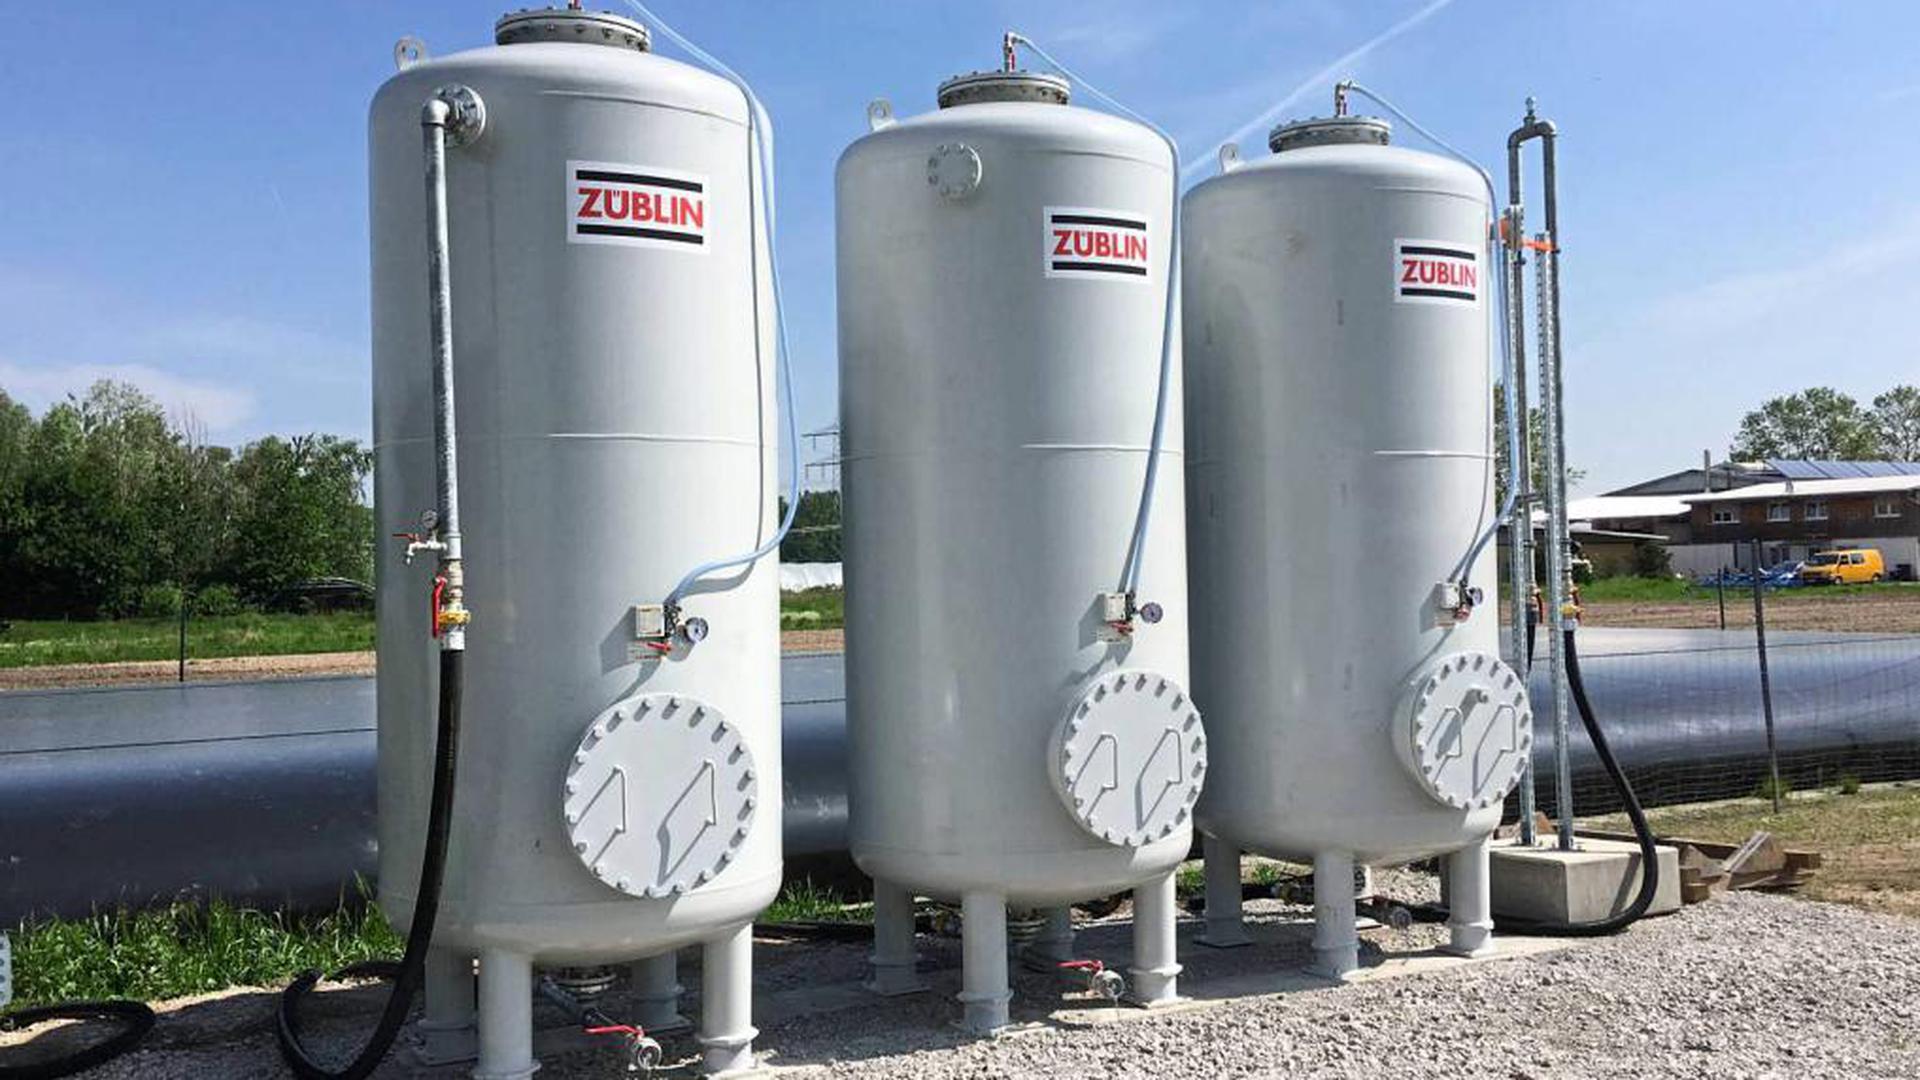 Die Wasseraufbereitungsanlage zur Reinigung des PFC-Beregnungswassers besteht aus drei in Reihe geschalteten Aktivkohlefiltern in aufrecht stehenden 3,70 Meter hohen Metallsilos.